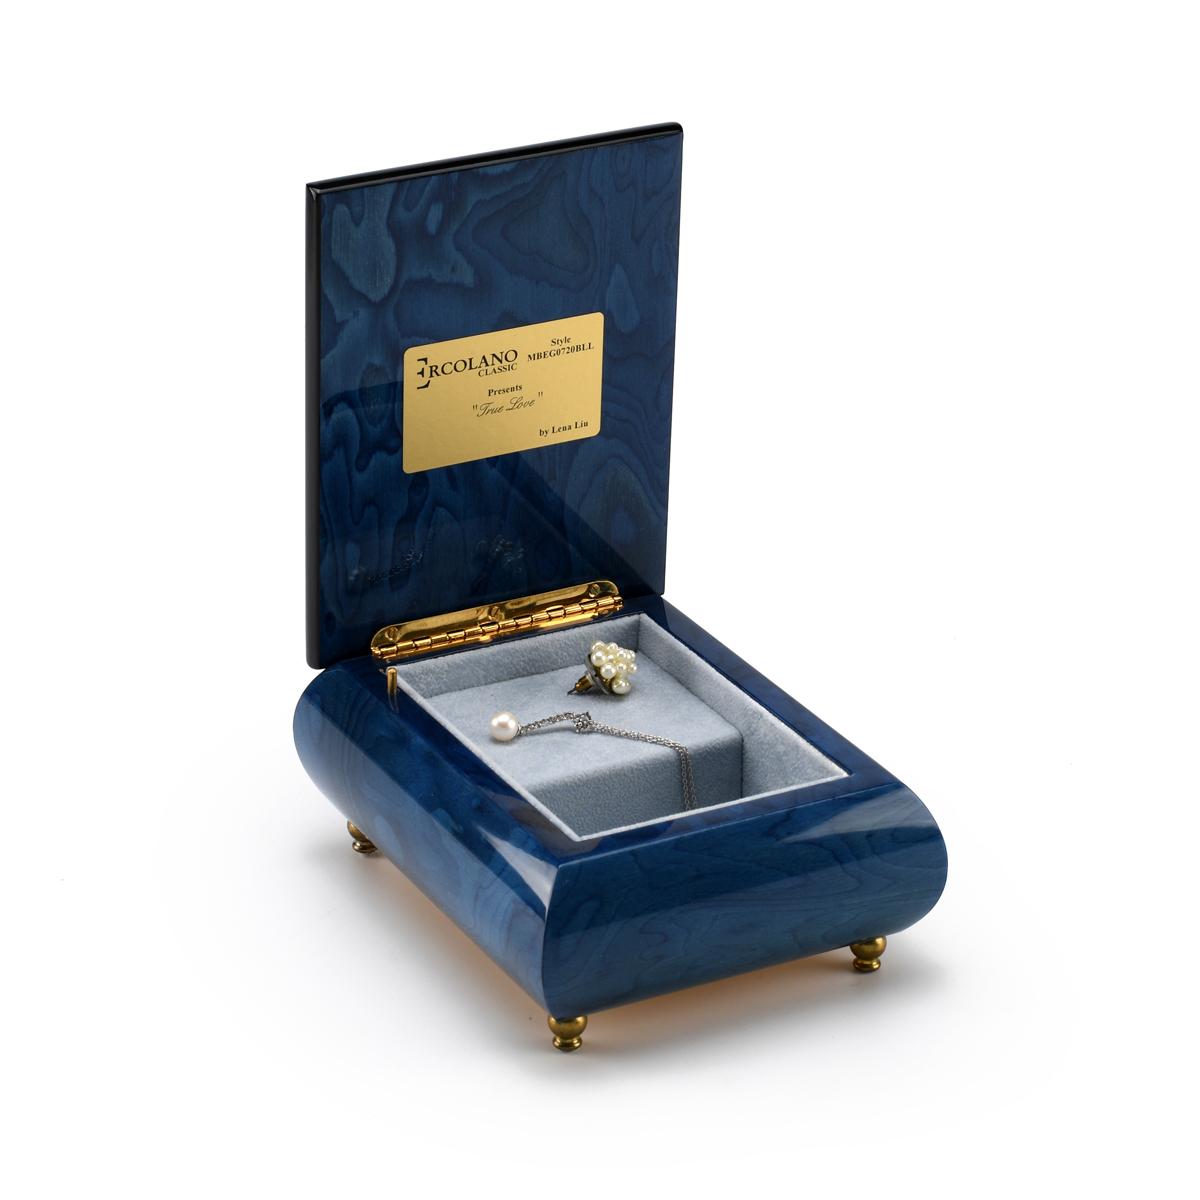 Vibrant Blue Ercolano Music Jewelry Box - True Love by Lena Liu